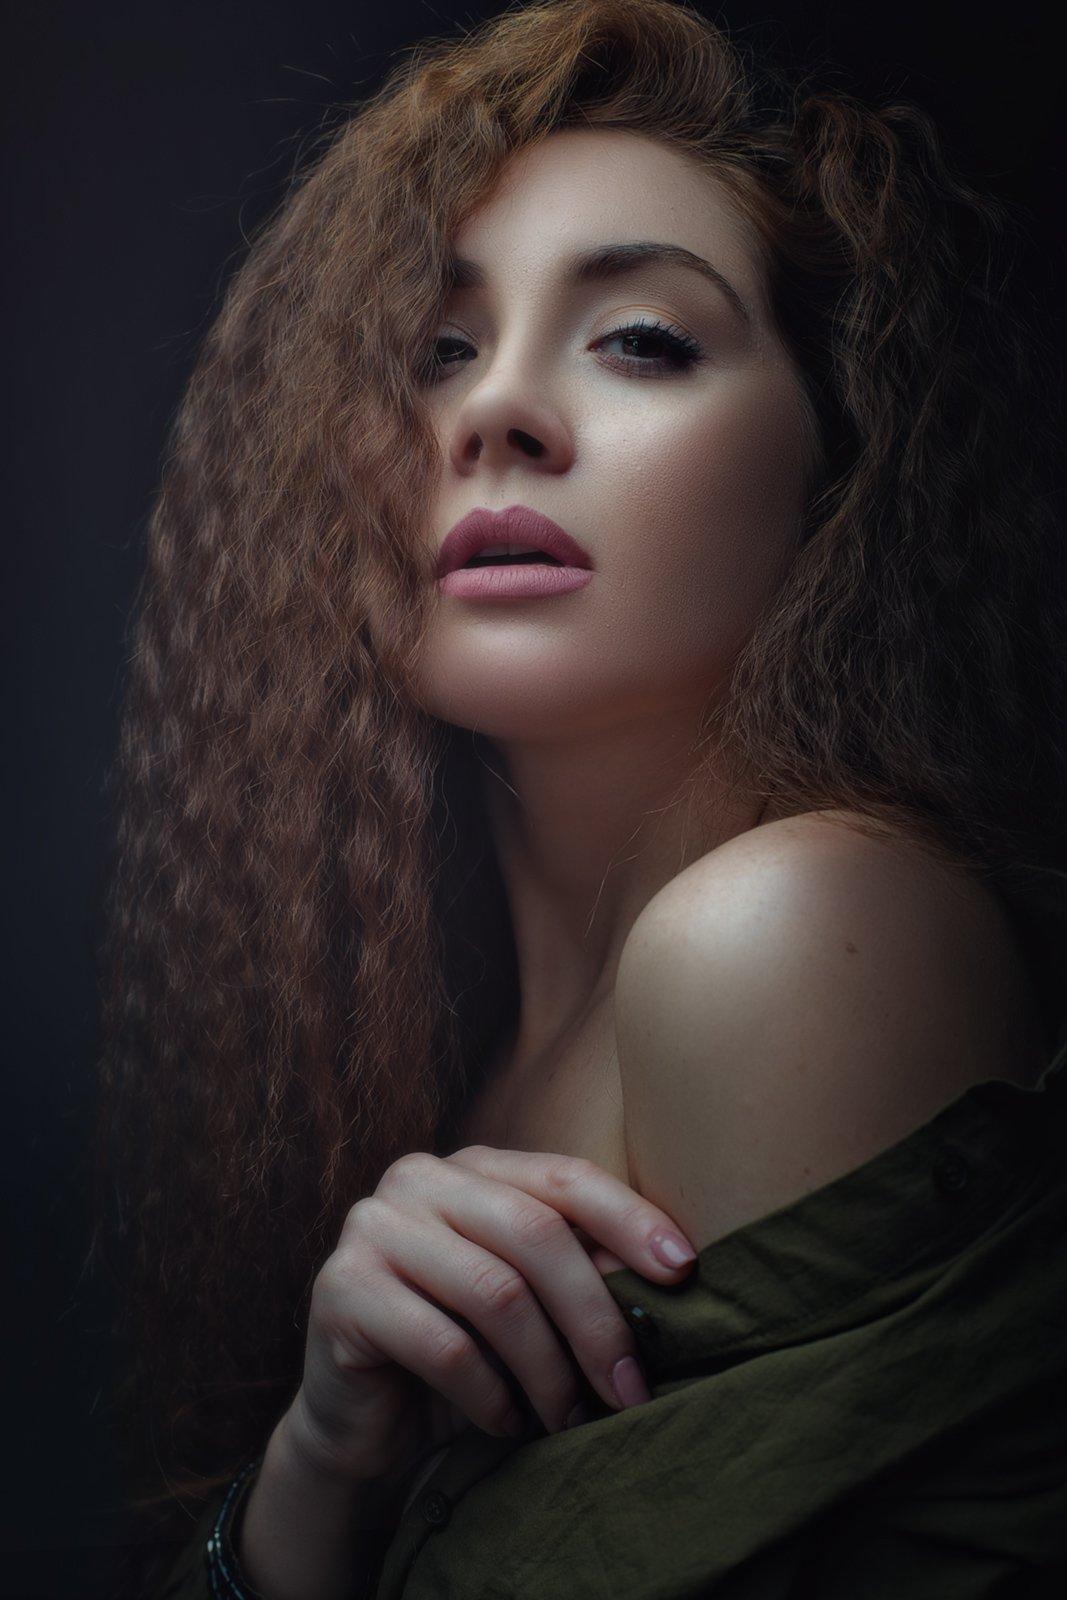 девушка, портрет, портрет девушки, женщина, женский портрет, характер, романтика, woman, girl, female, portrait, style, adult, Дмитрий Толоконов